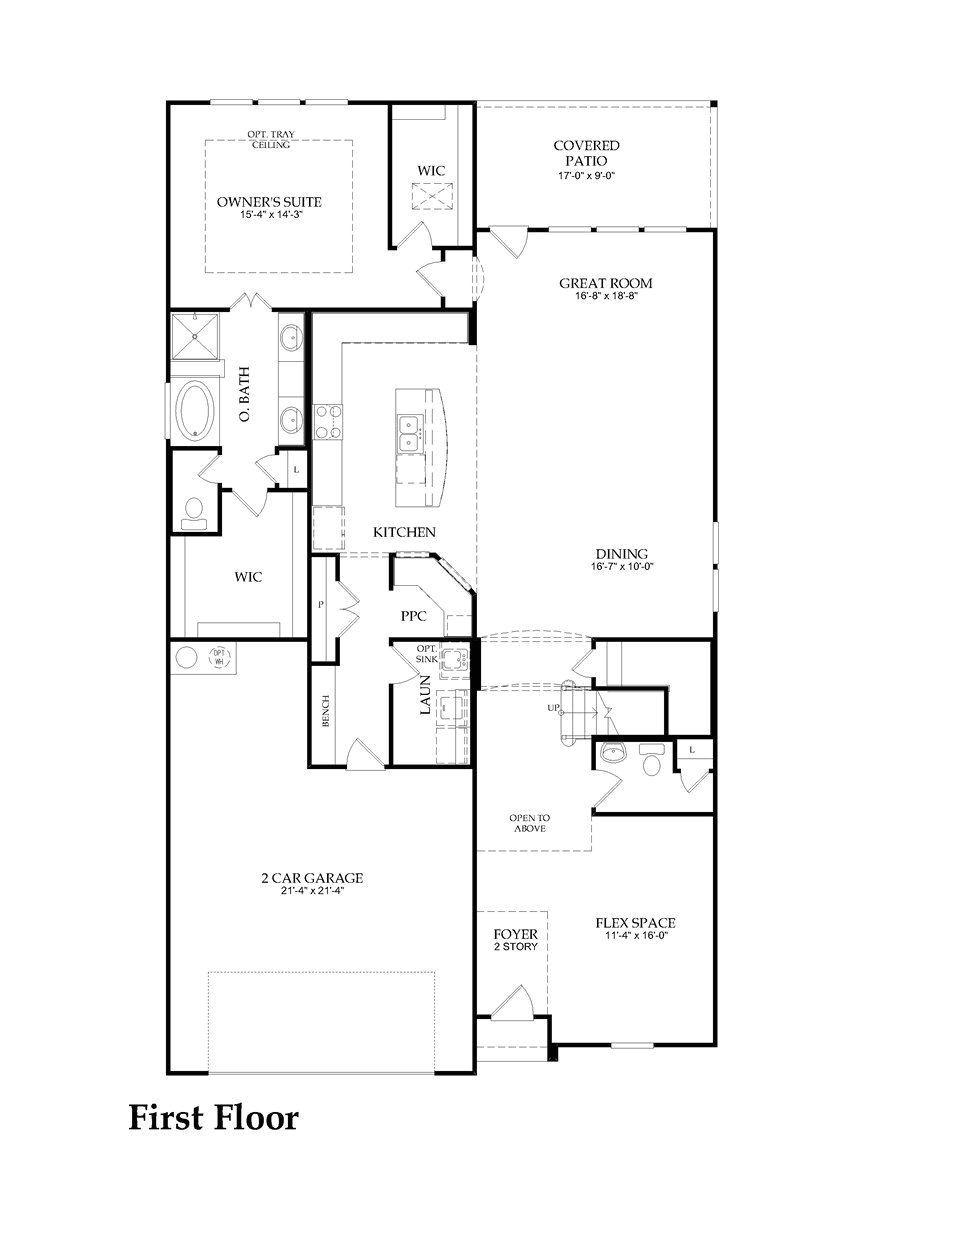 home depot repair plan fresh floor plan lovely townhome floor plans best i pinimg originals 0d a2